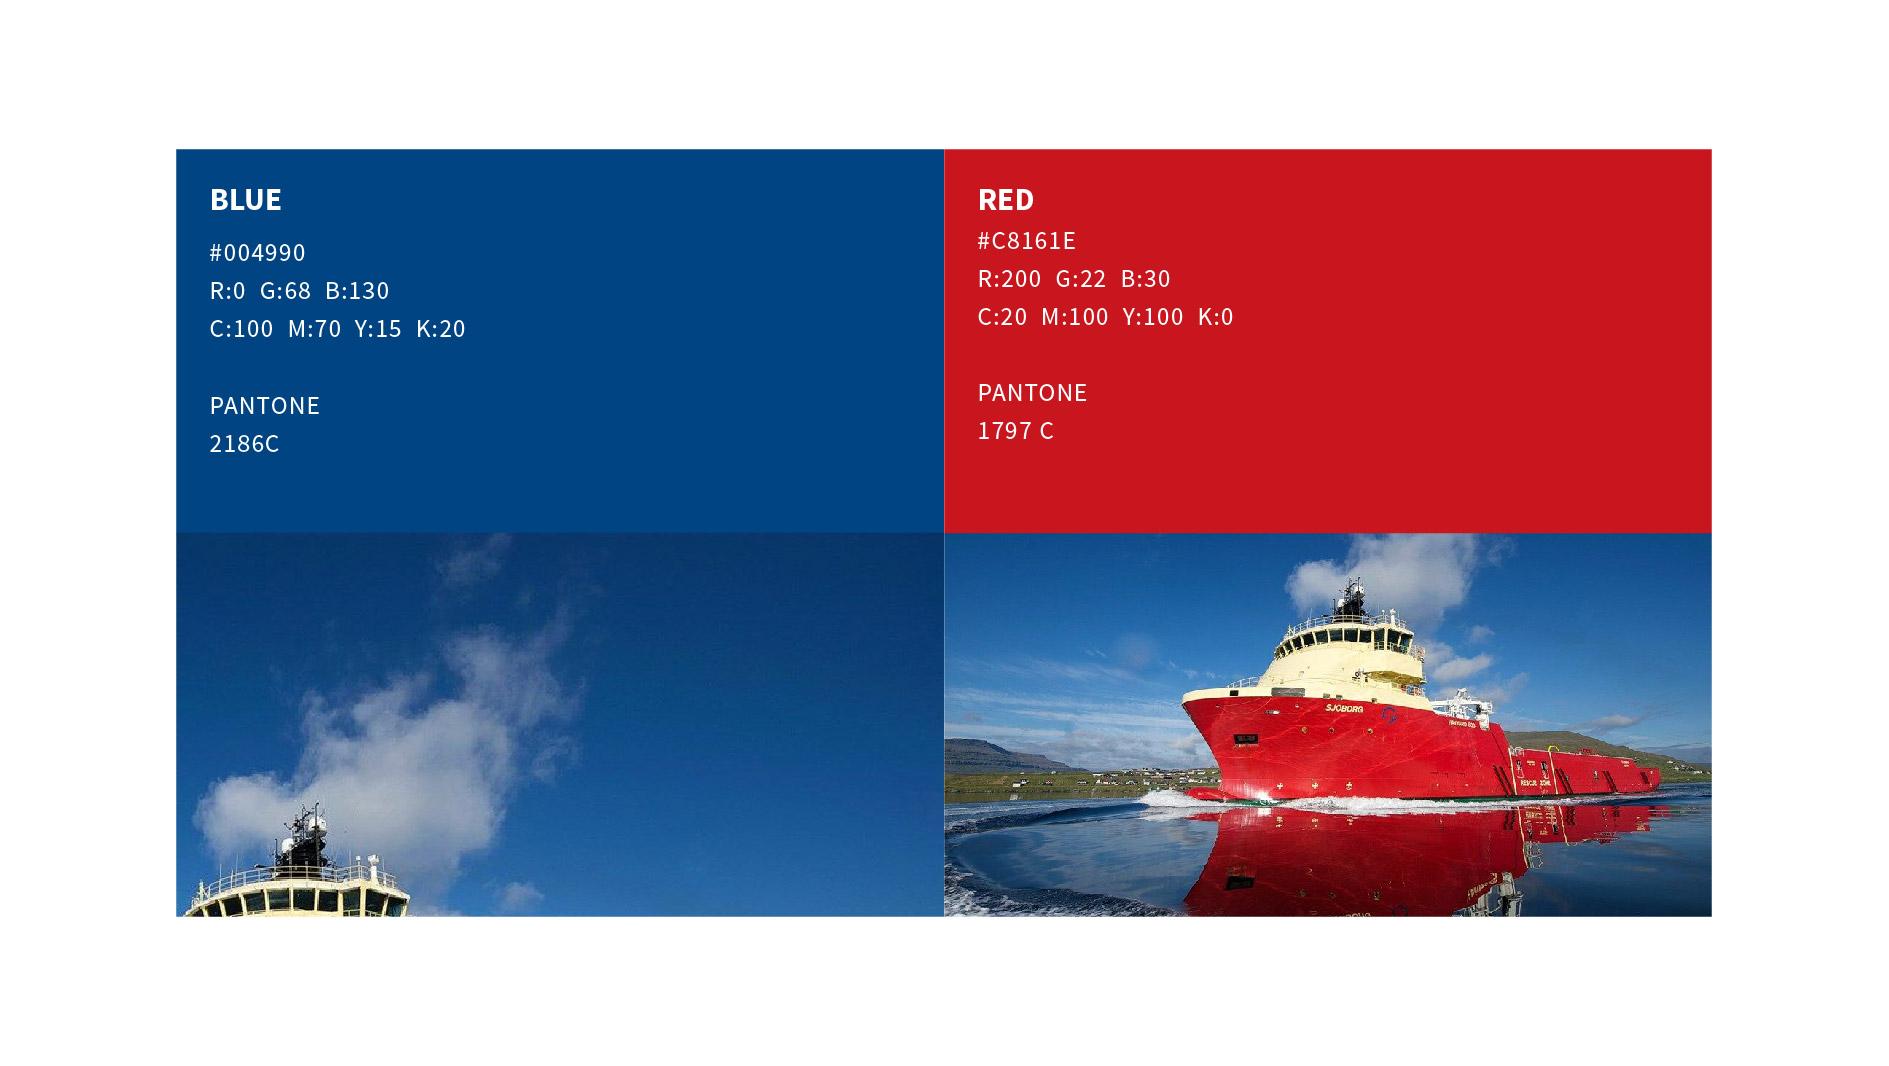 锐一机电公司VIfun88乐天使备用,双色系与R识别风工业企业vifun88乐天使备用